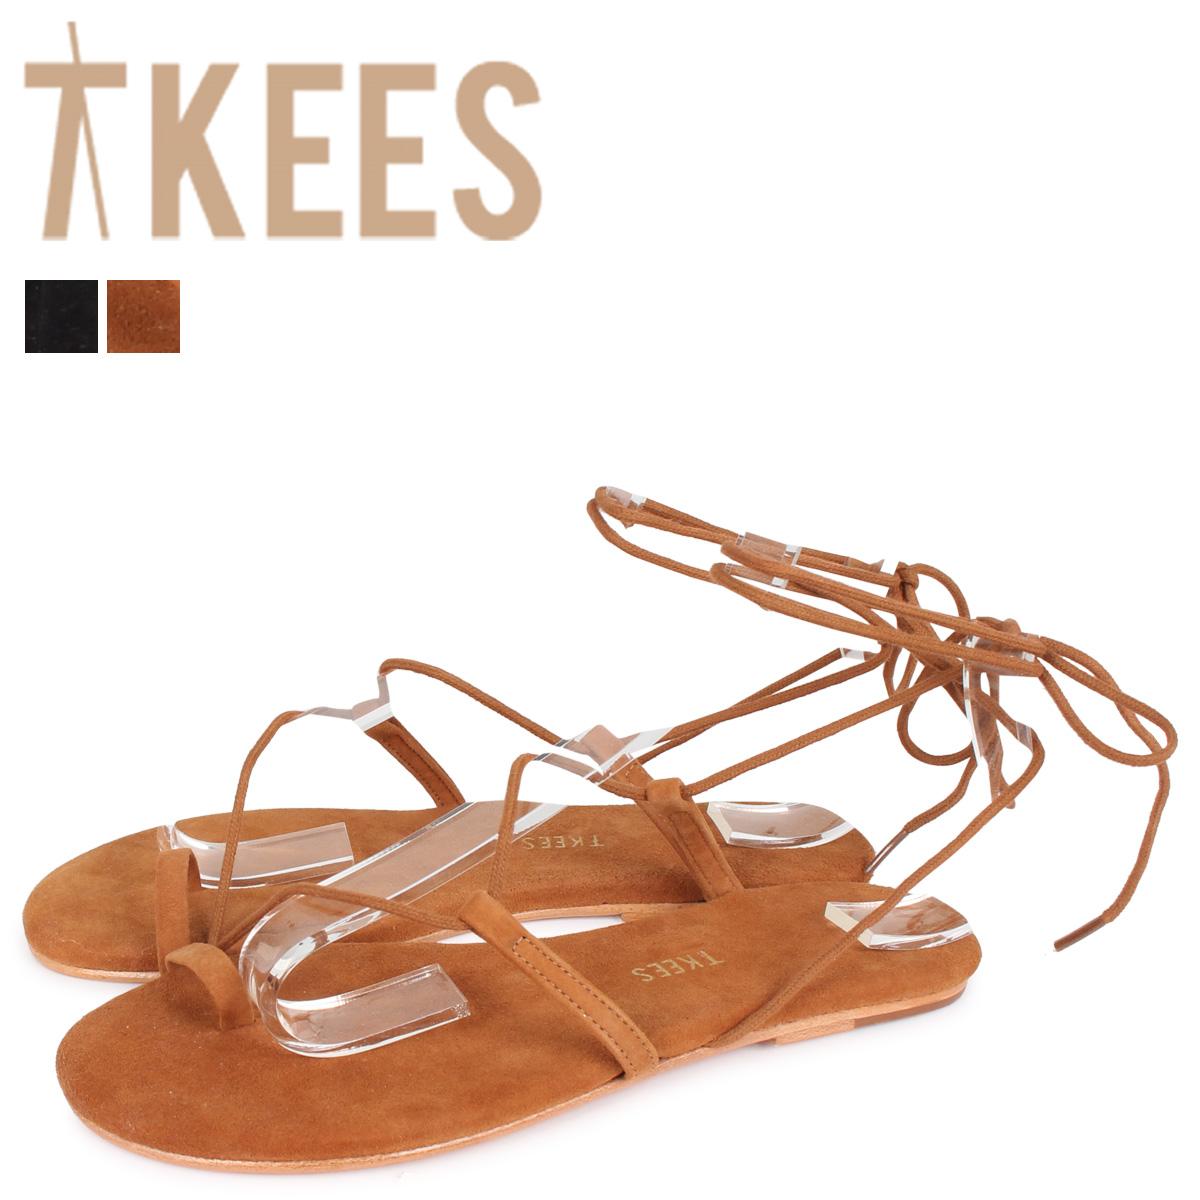 Tkees ティキーズ ジョースエード サンダル 編み上げ レディース JO SUEDE ブラック ブラウン 黒